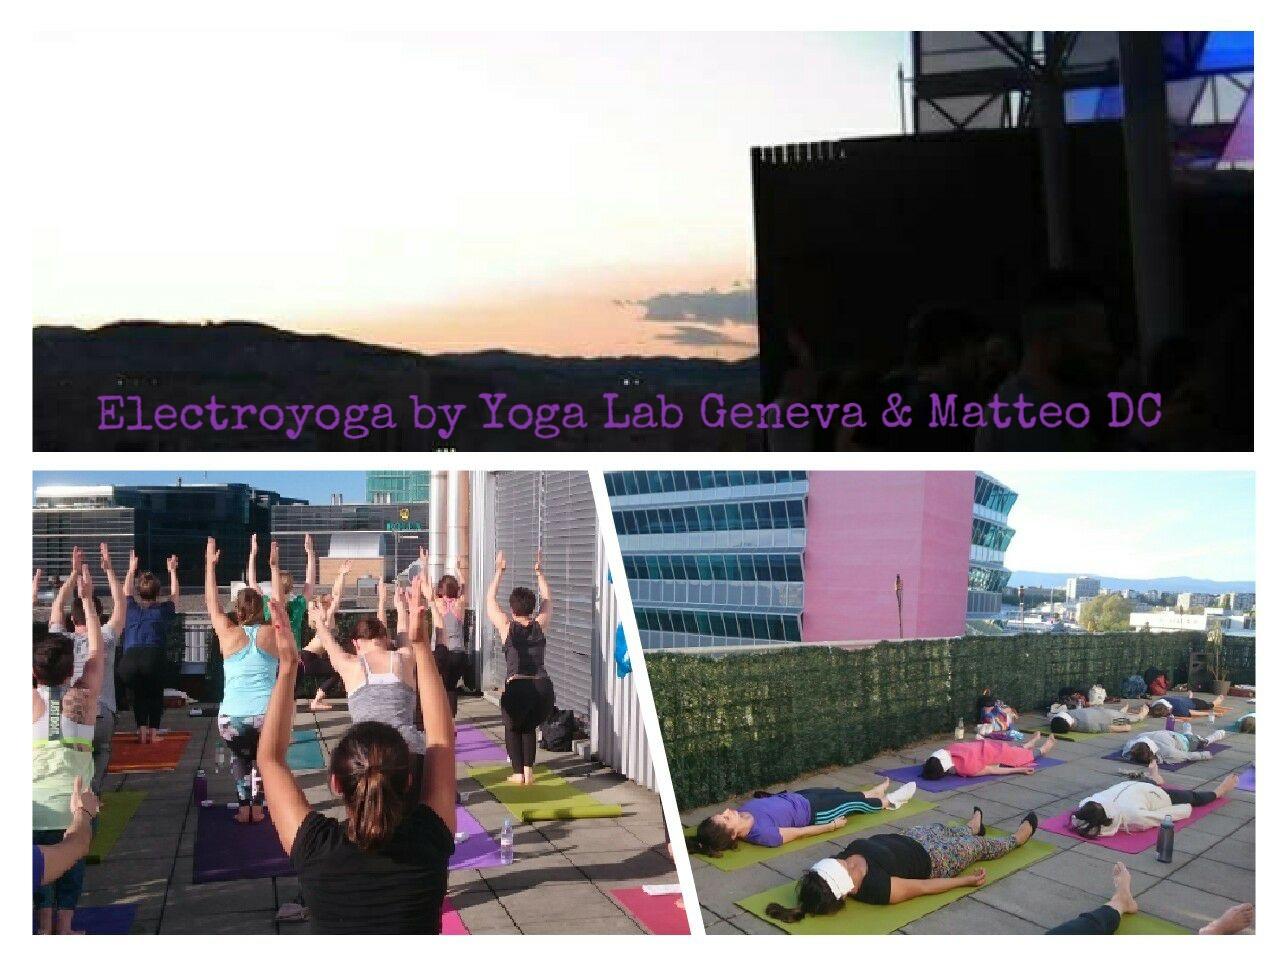 Electroyoga by yoga lab geneva - vinyasa yoga - power yoga